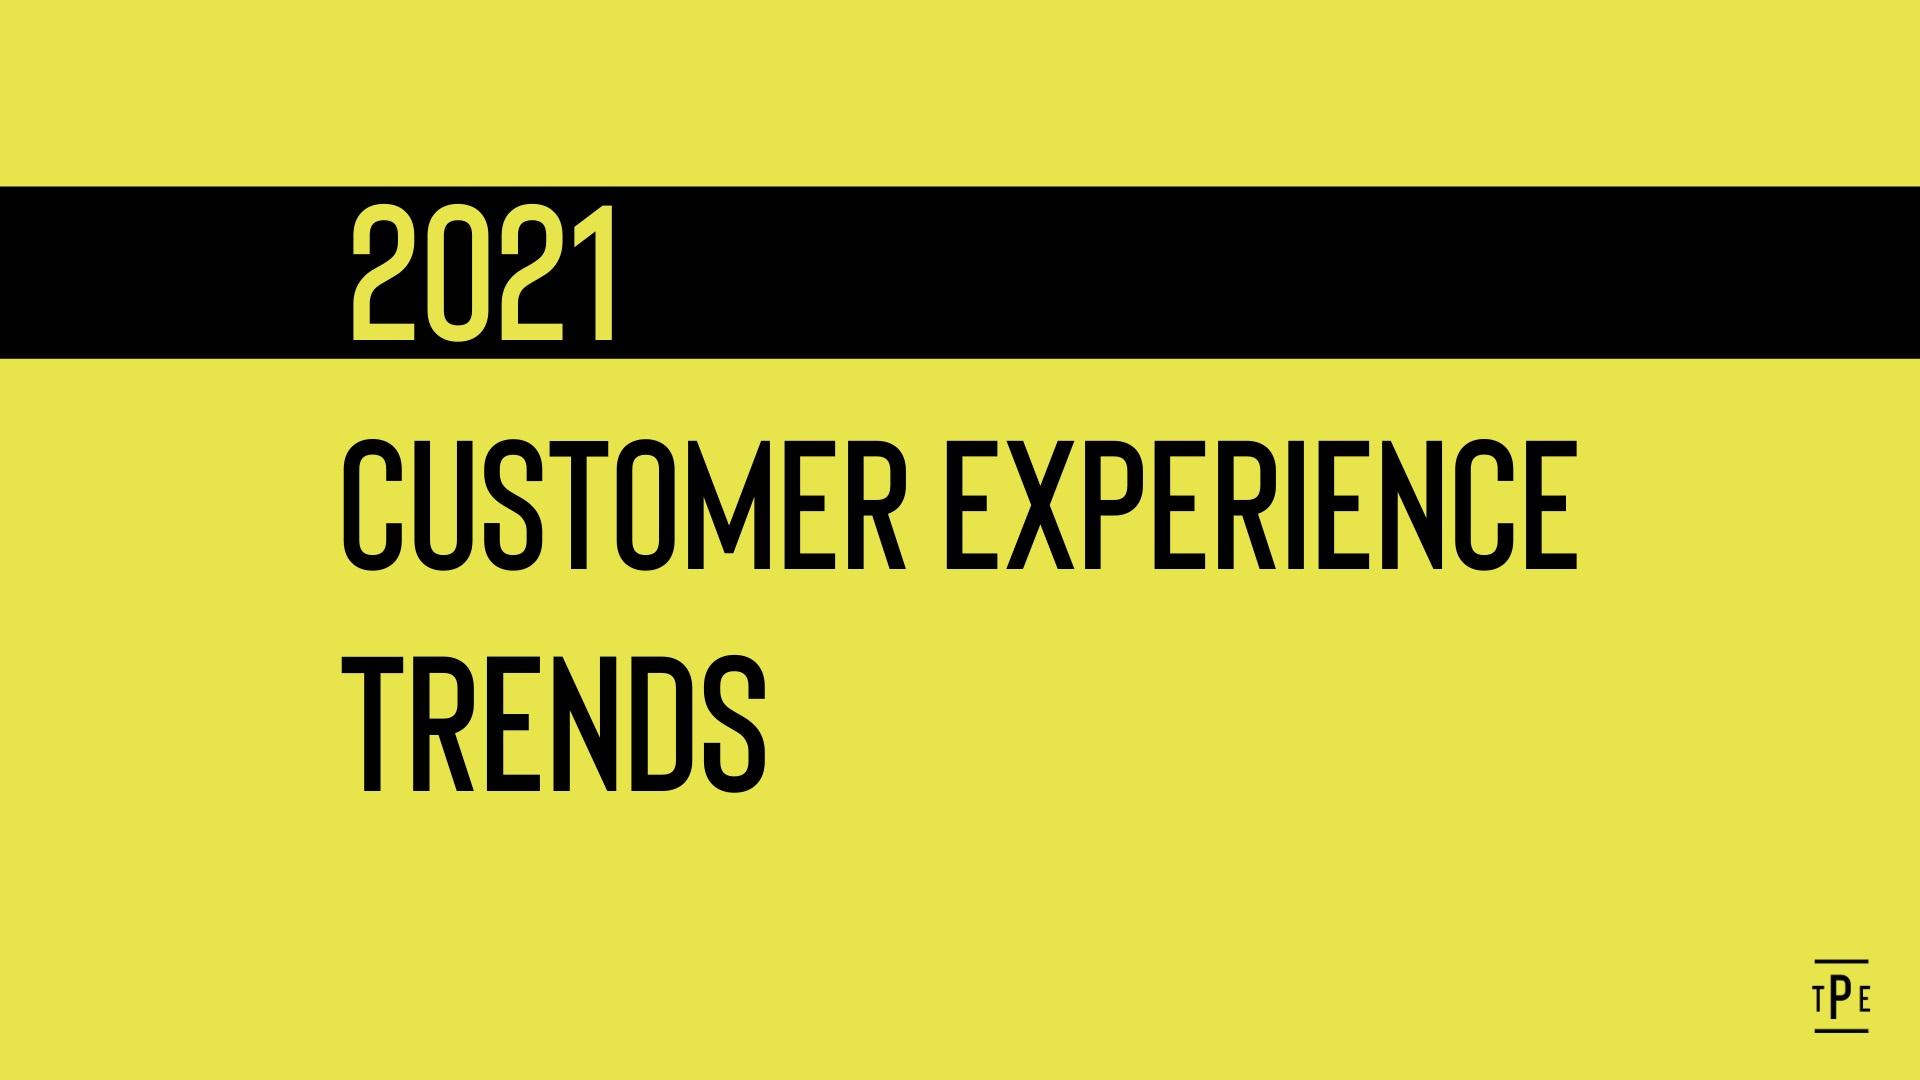 xu hướng trải nghiệm khách hàng hàng đầu cho năm 2021